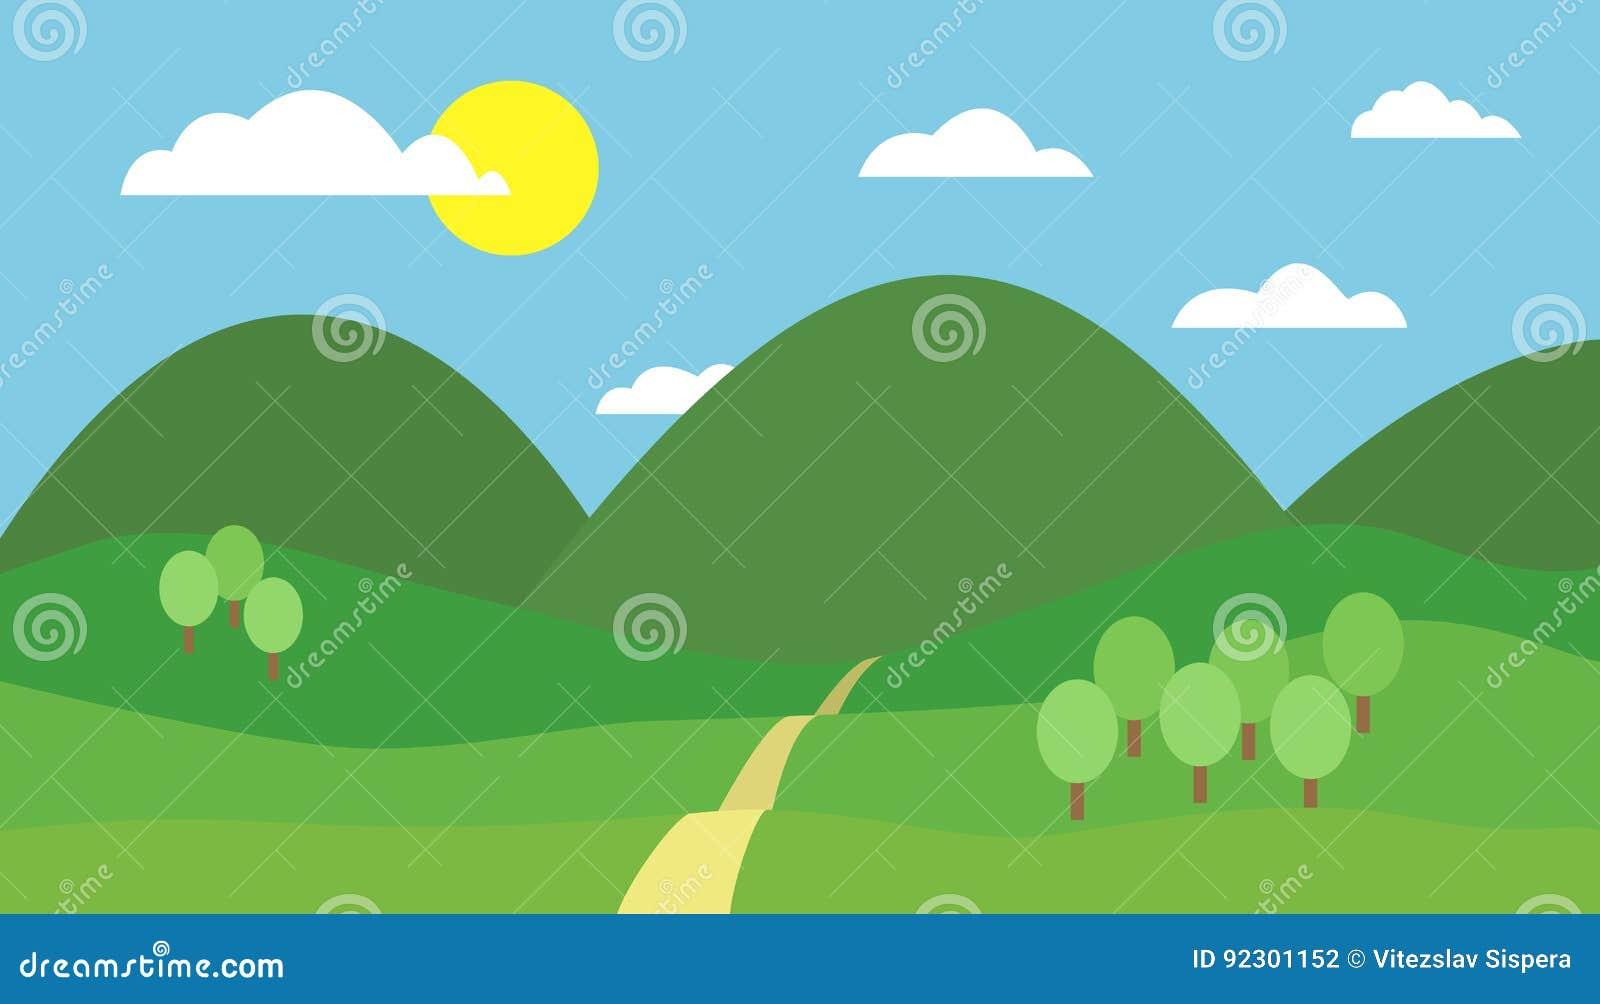 Ilustracao Colorida Dos Desenhos Animados Da Paisagem Da Montanha